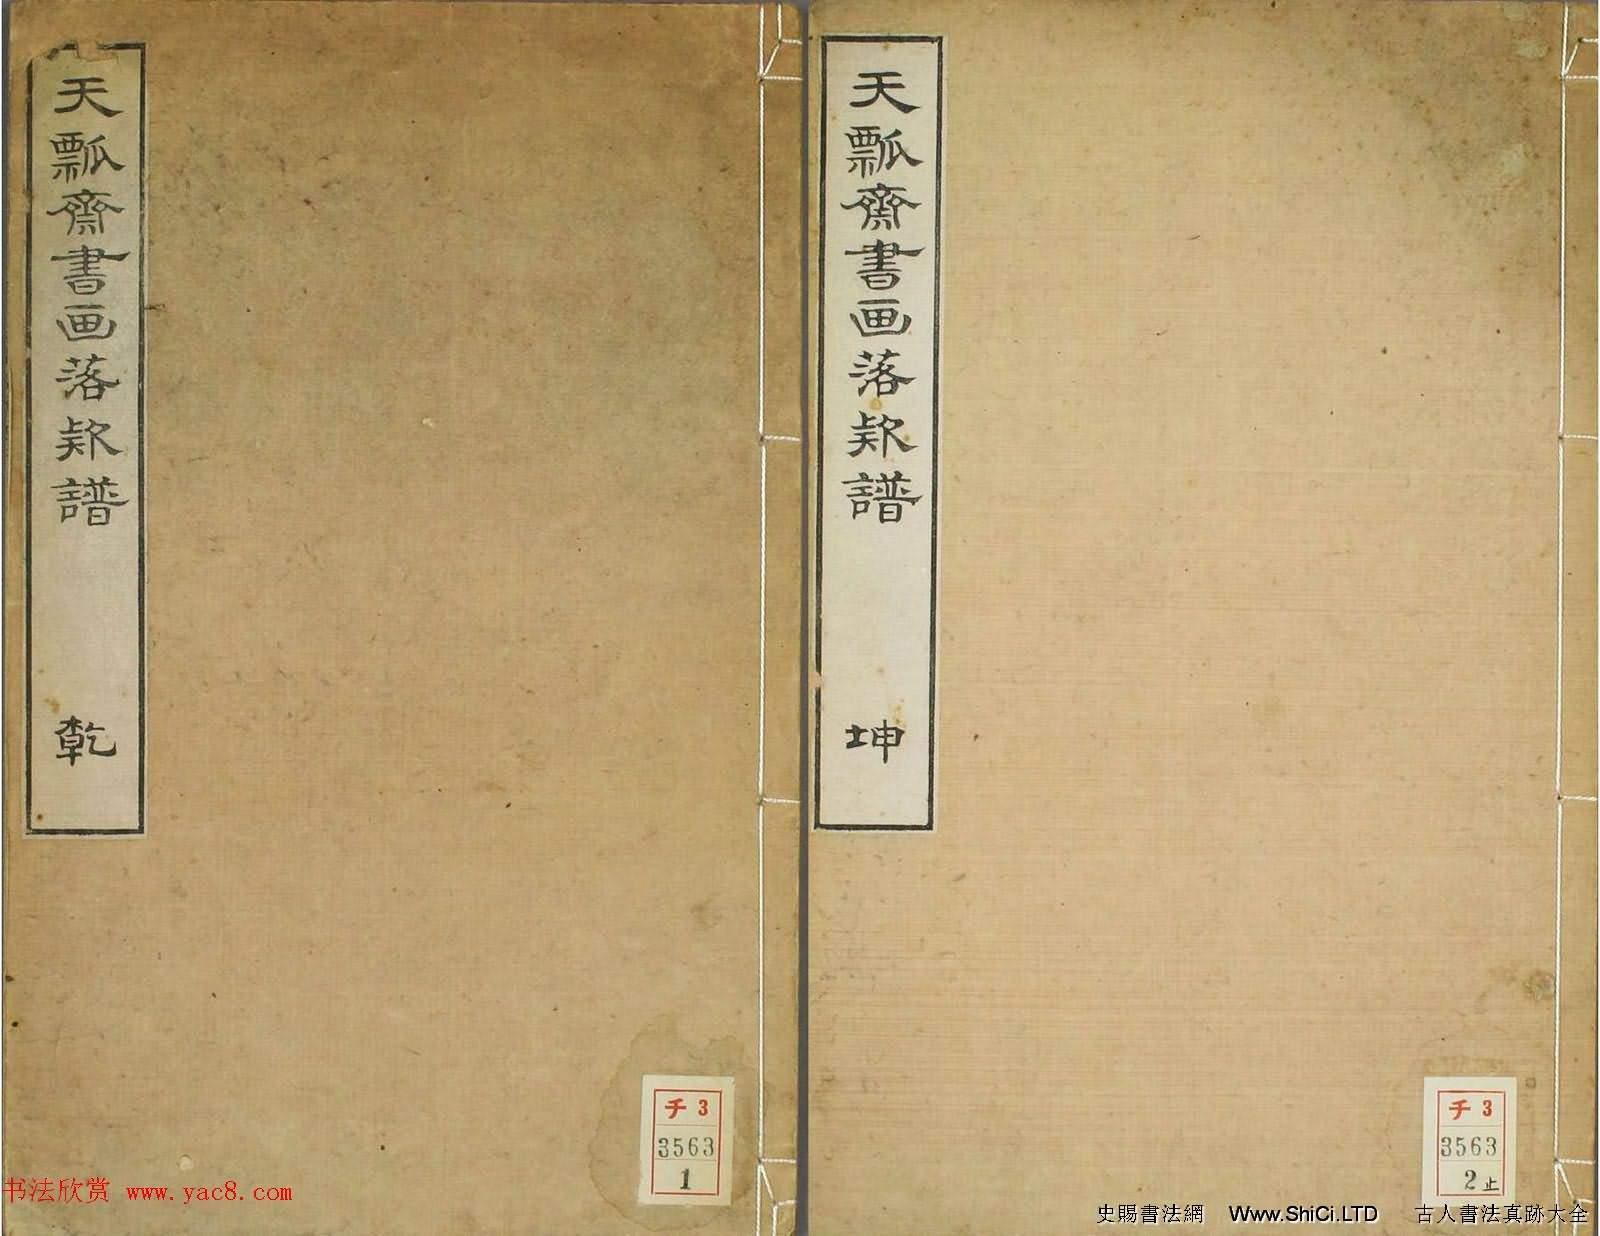 天瓢齋名人書畫落款譜乾坤兩卷合輯(共46張圖片)